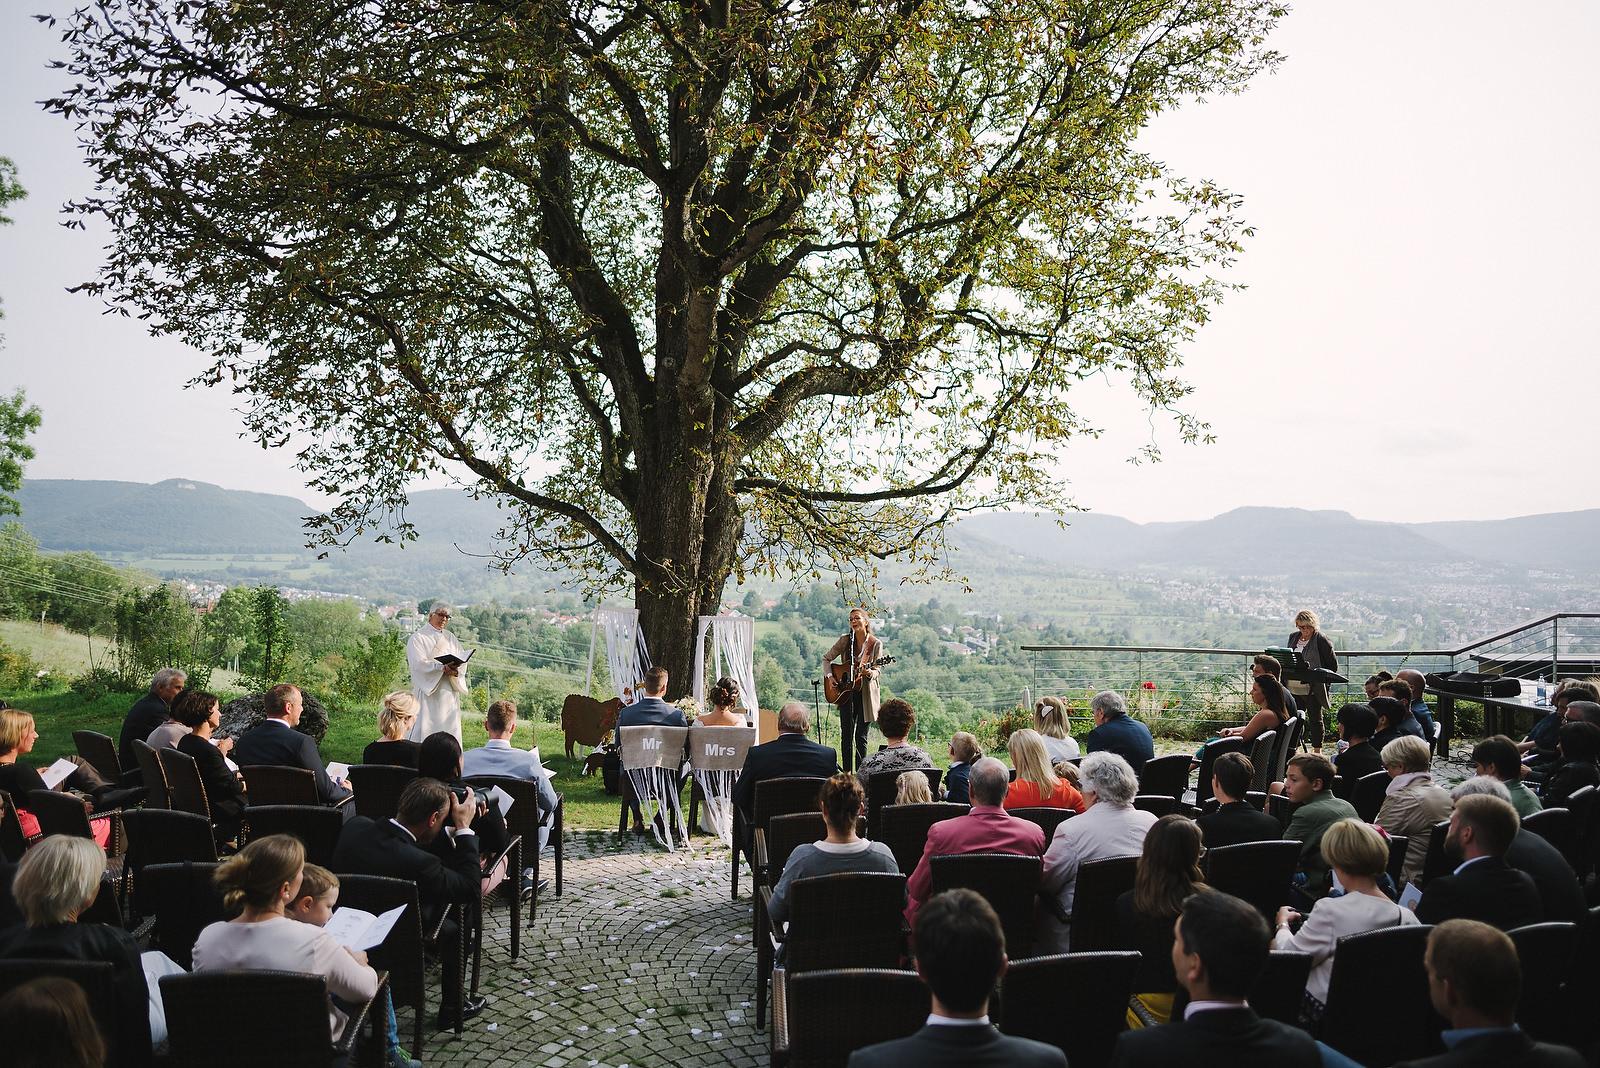 Fotograf Konstanz - Hochzeitsfotograf Reutlingen Achalm Hochzeit EFP 42 - Documentary wedding story on the Achalm, Reutlingen  - 35 -